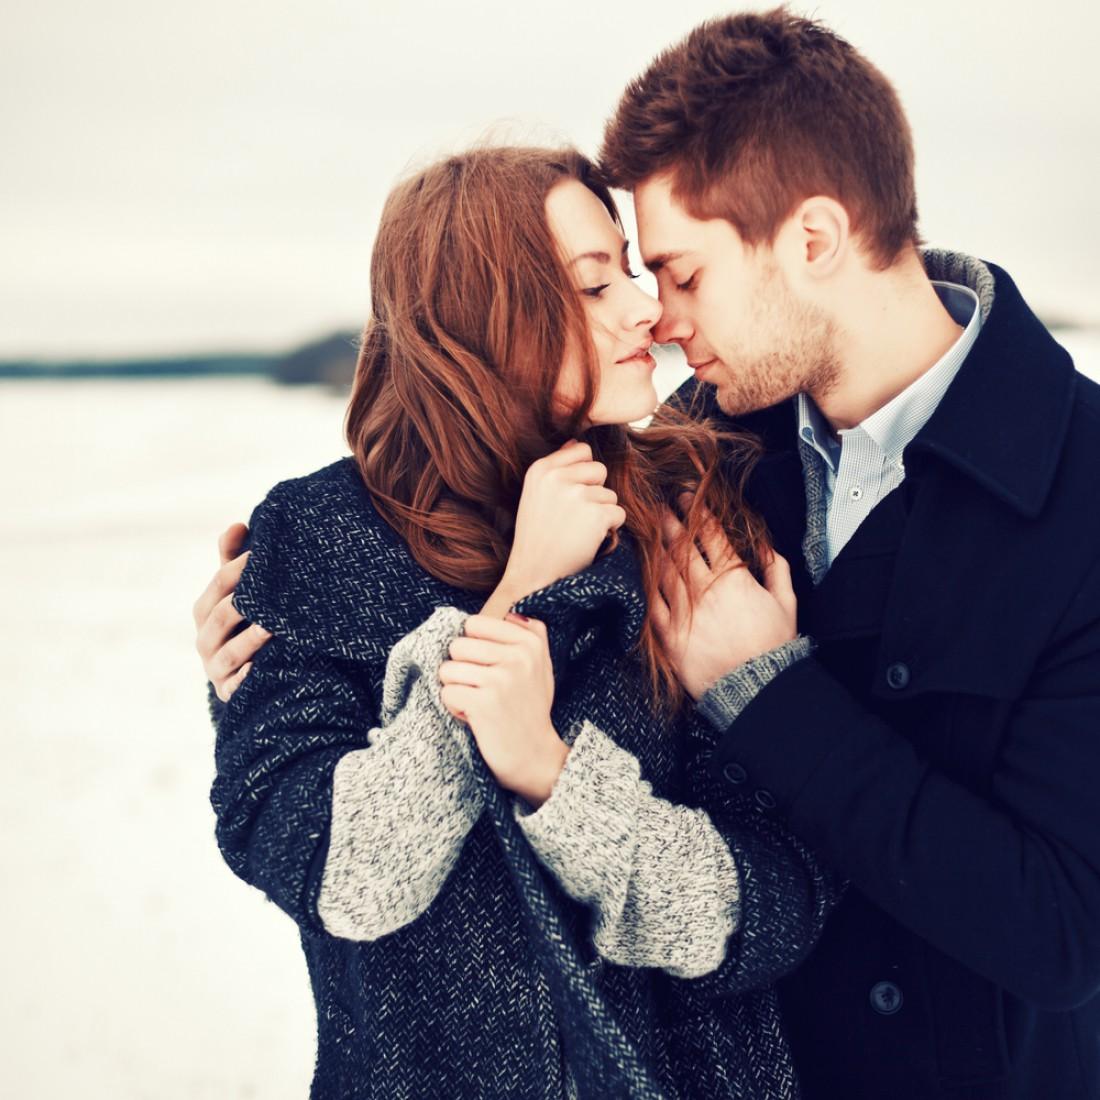 Романтический секс влюбленных онлайн 8 фотография